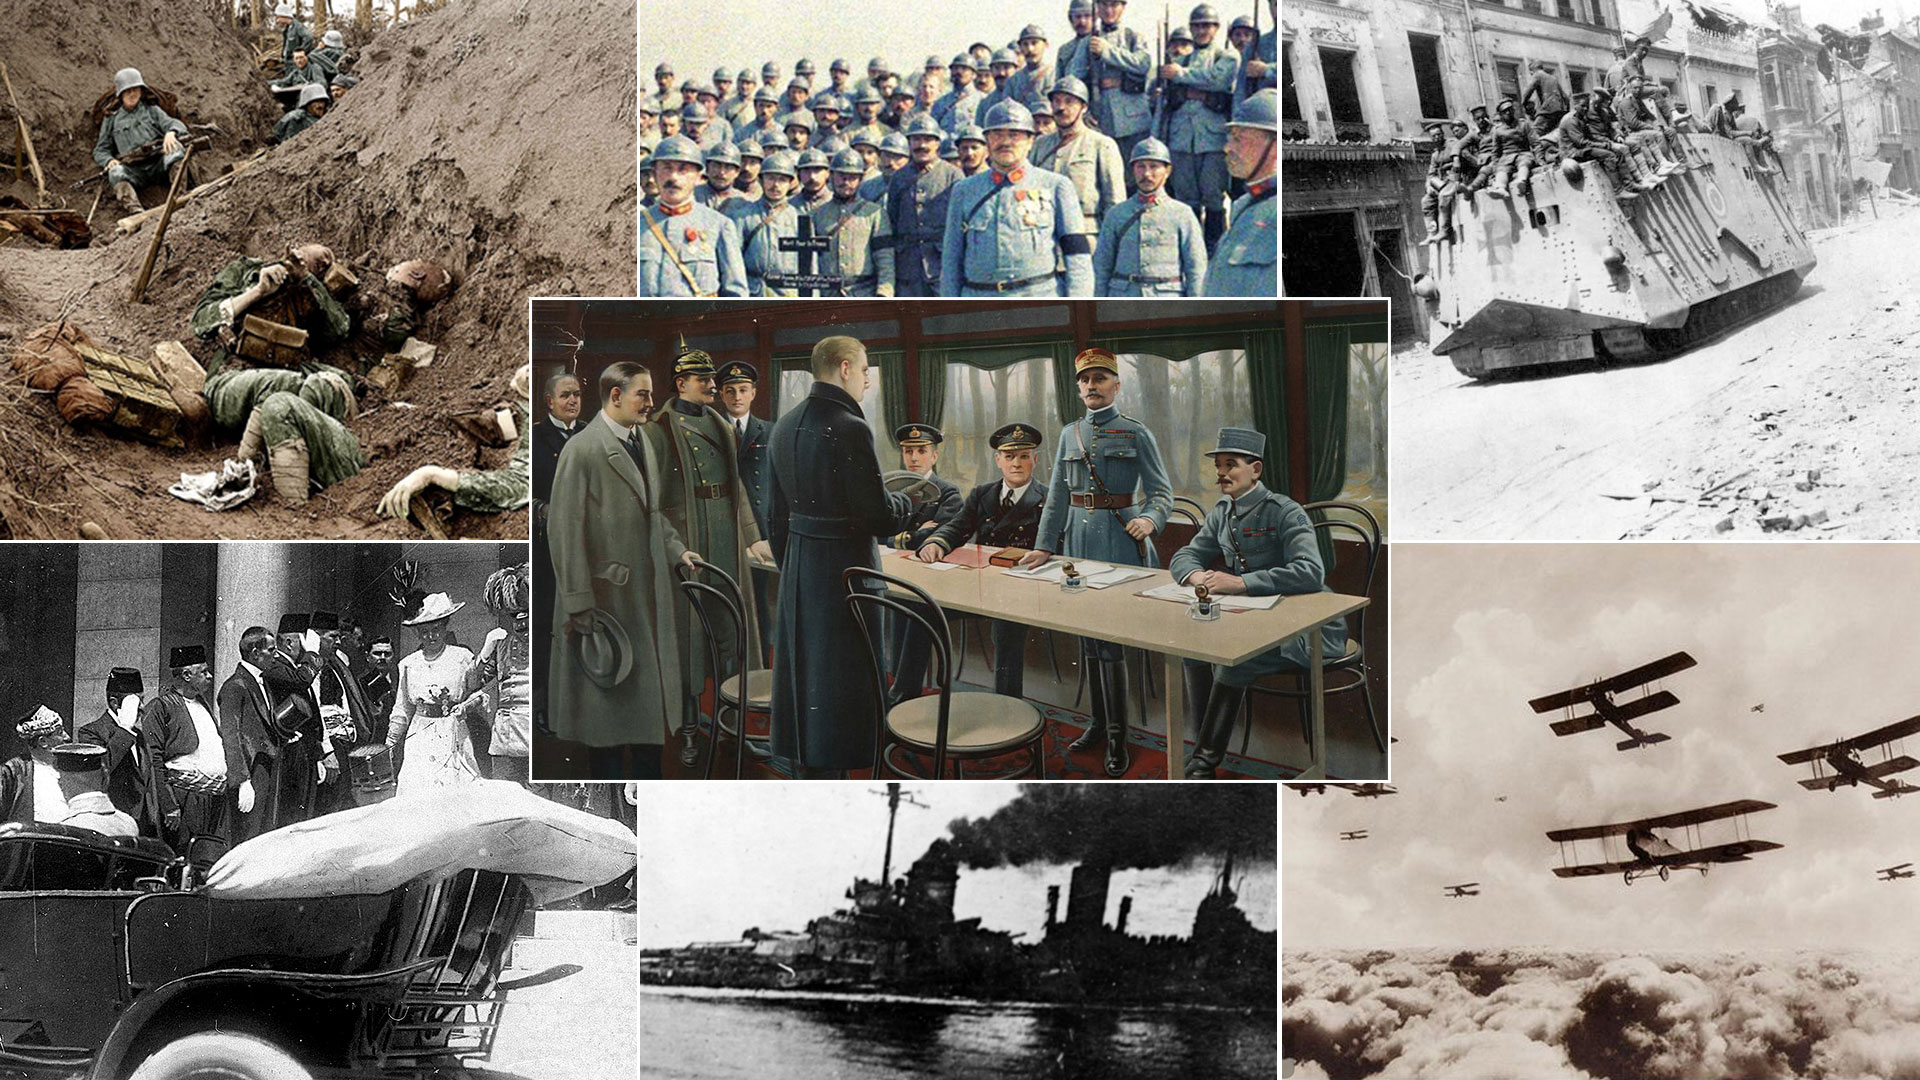 Los cuatro de años de guerra afectaron a todo el mundo y marcaron las décadas posteriores